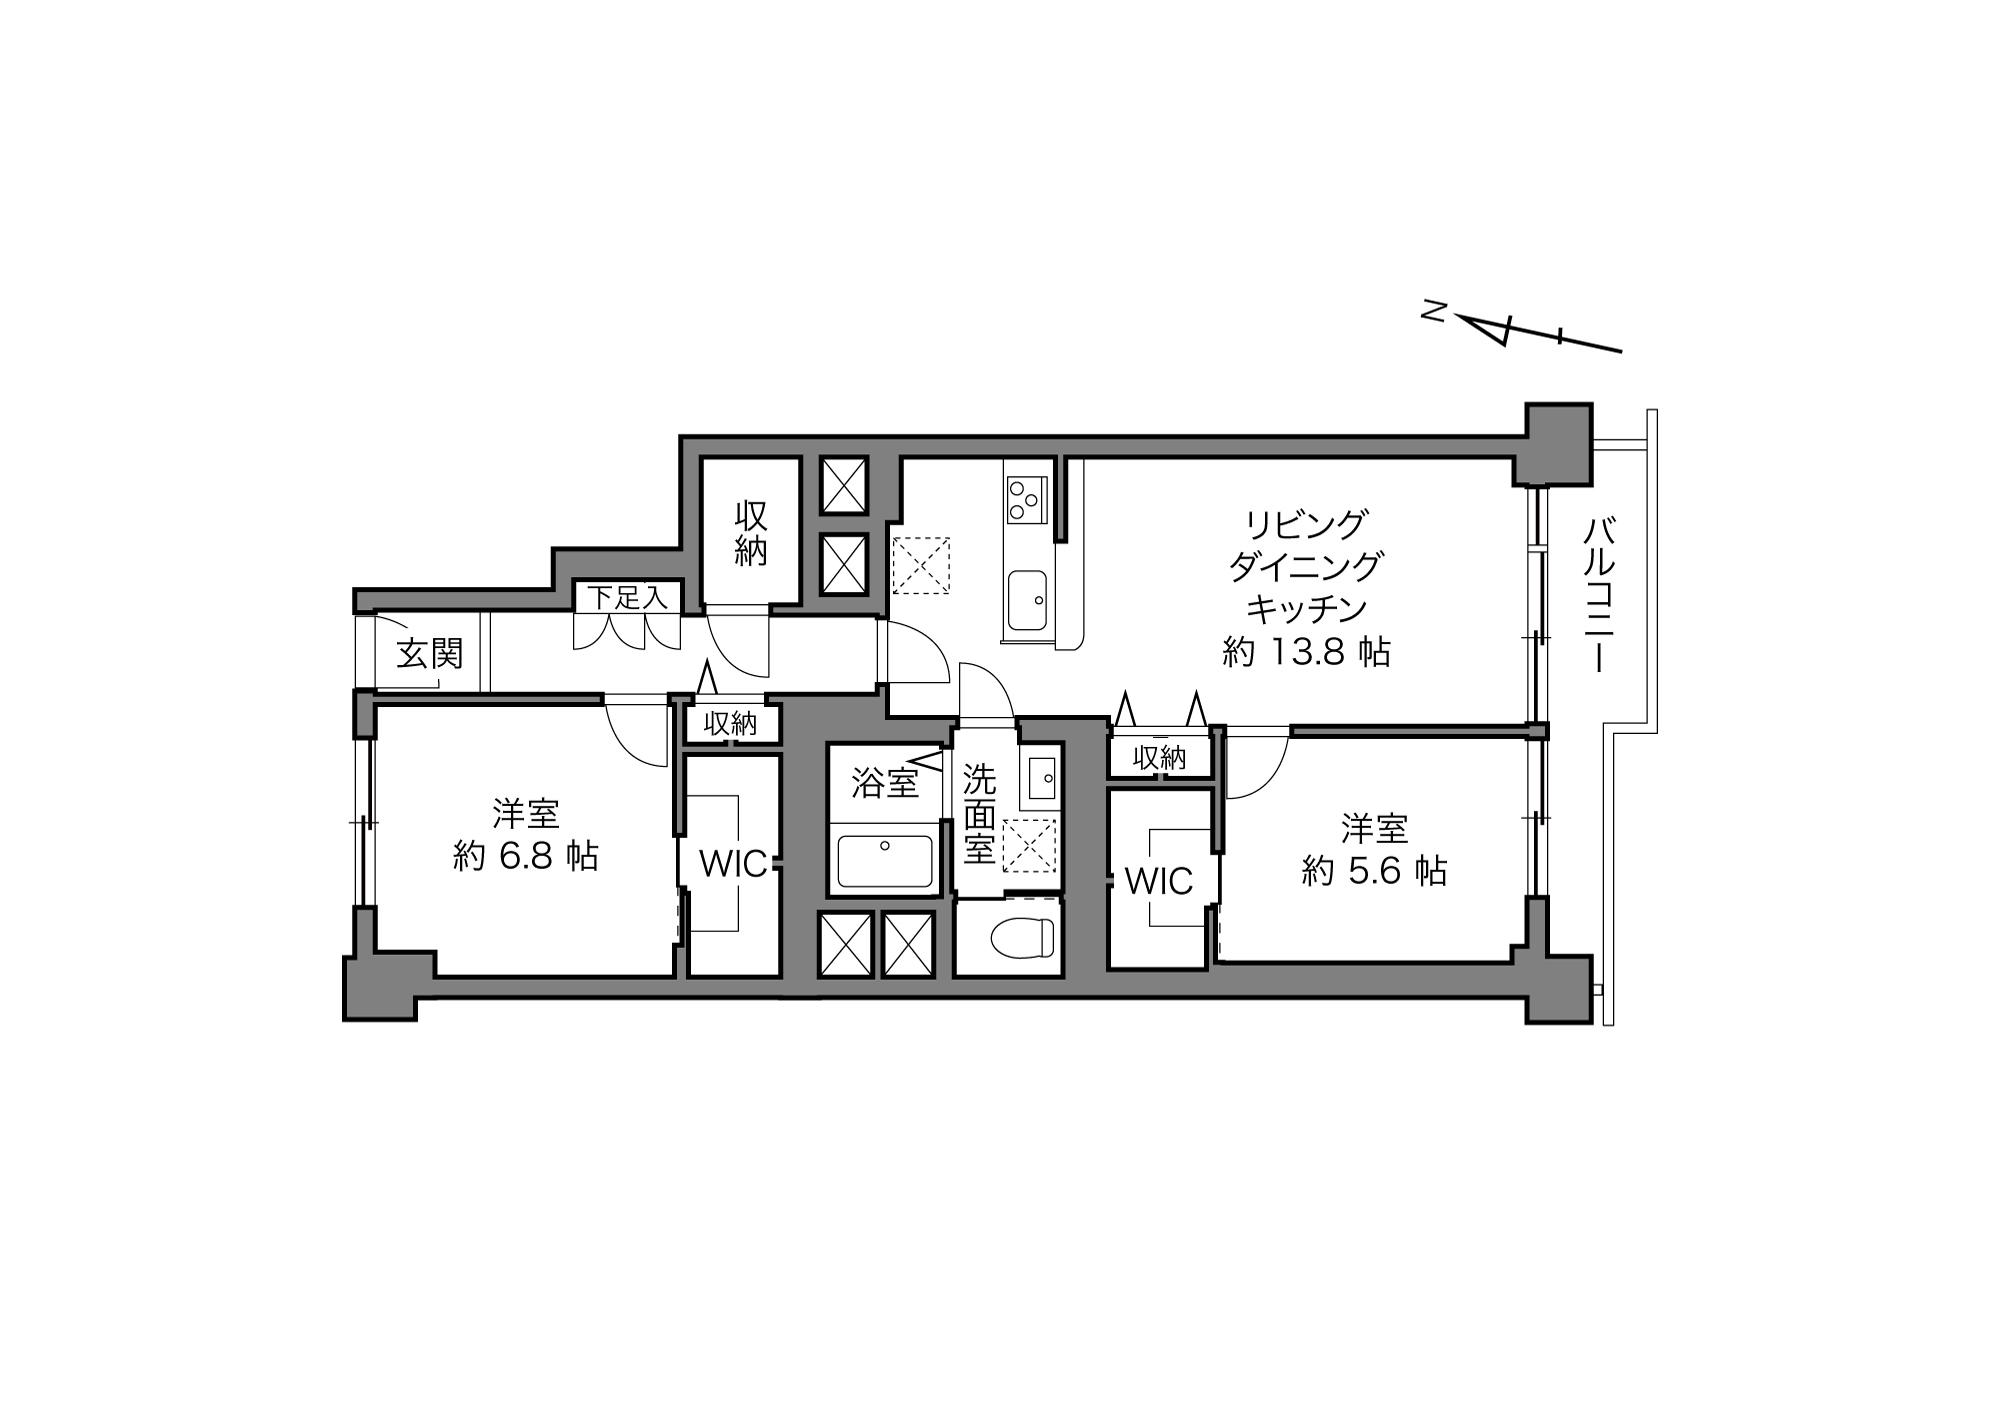 用賀駅 / 2LDK / 71.11㎡